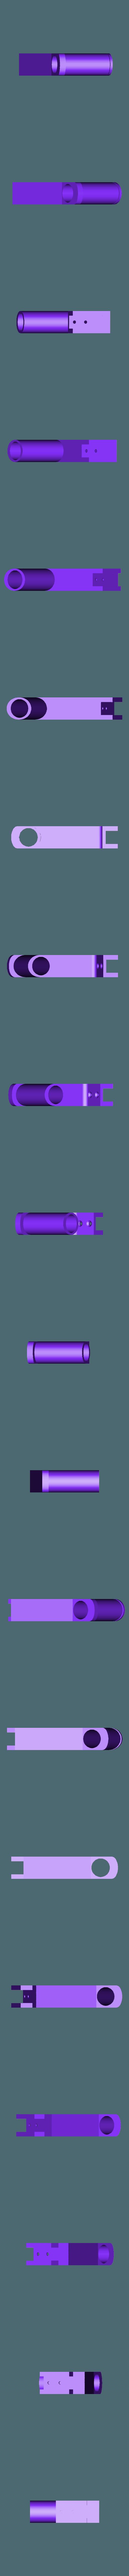 Filaholder_v2.stl Télécharger fichier STL gratuit Porte-bobines de filaments • Design pour imprimante 3D, helmuteder